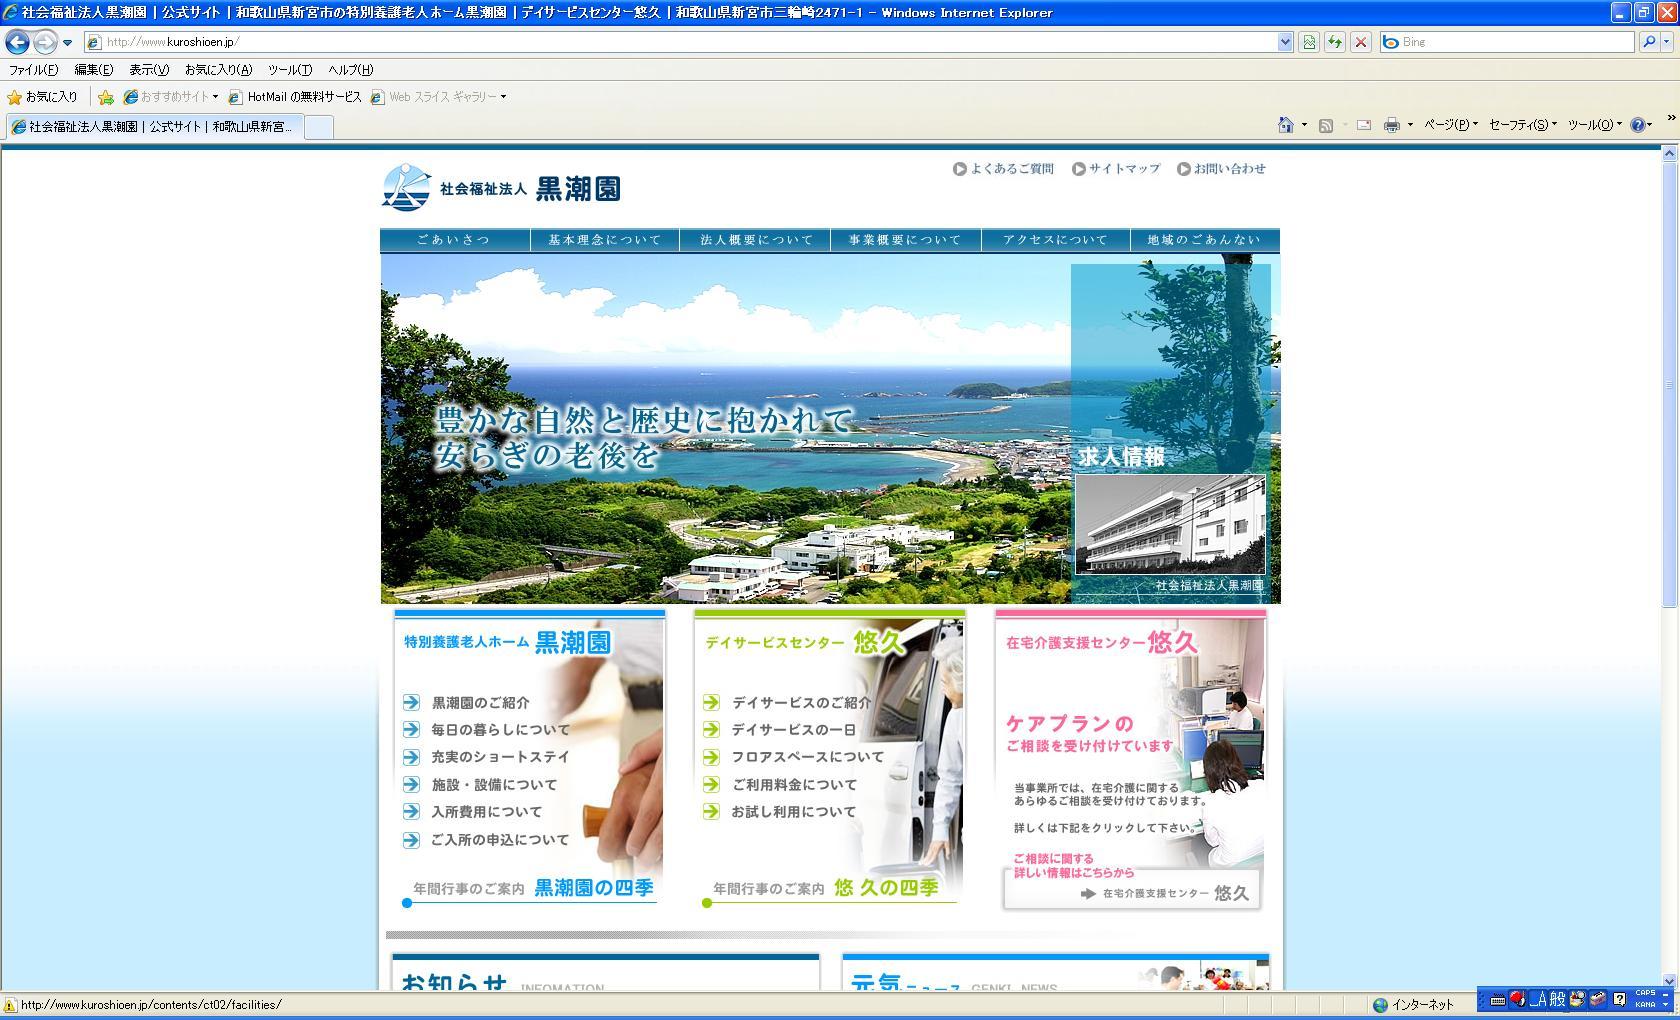 広報コンテスト応募_f0299108_13162125.jpg